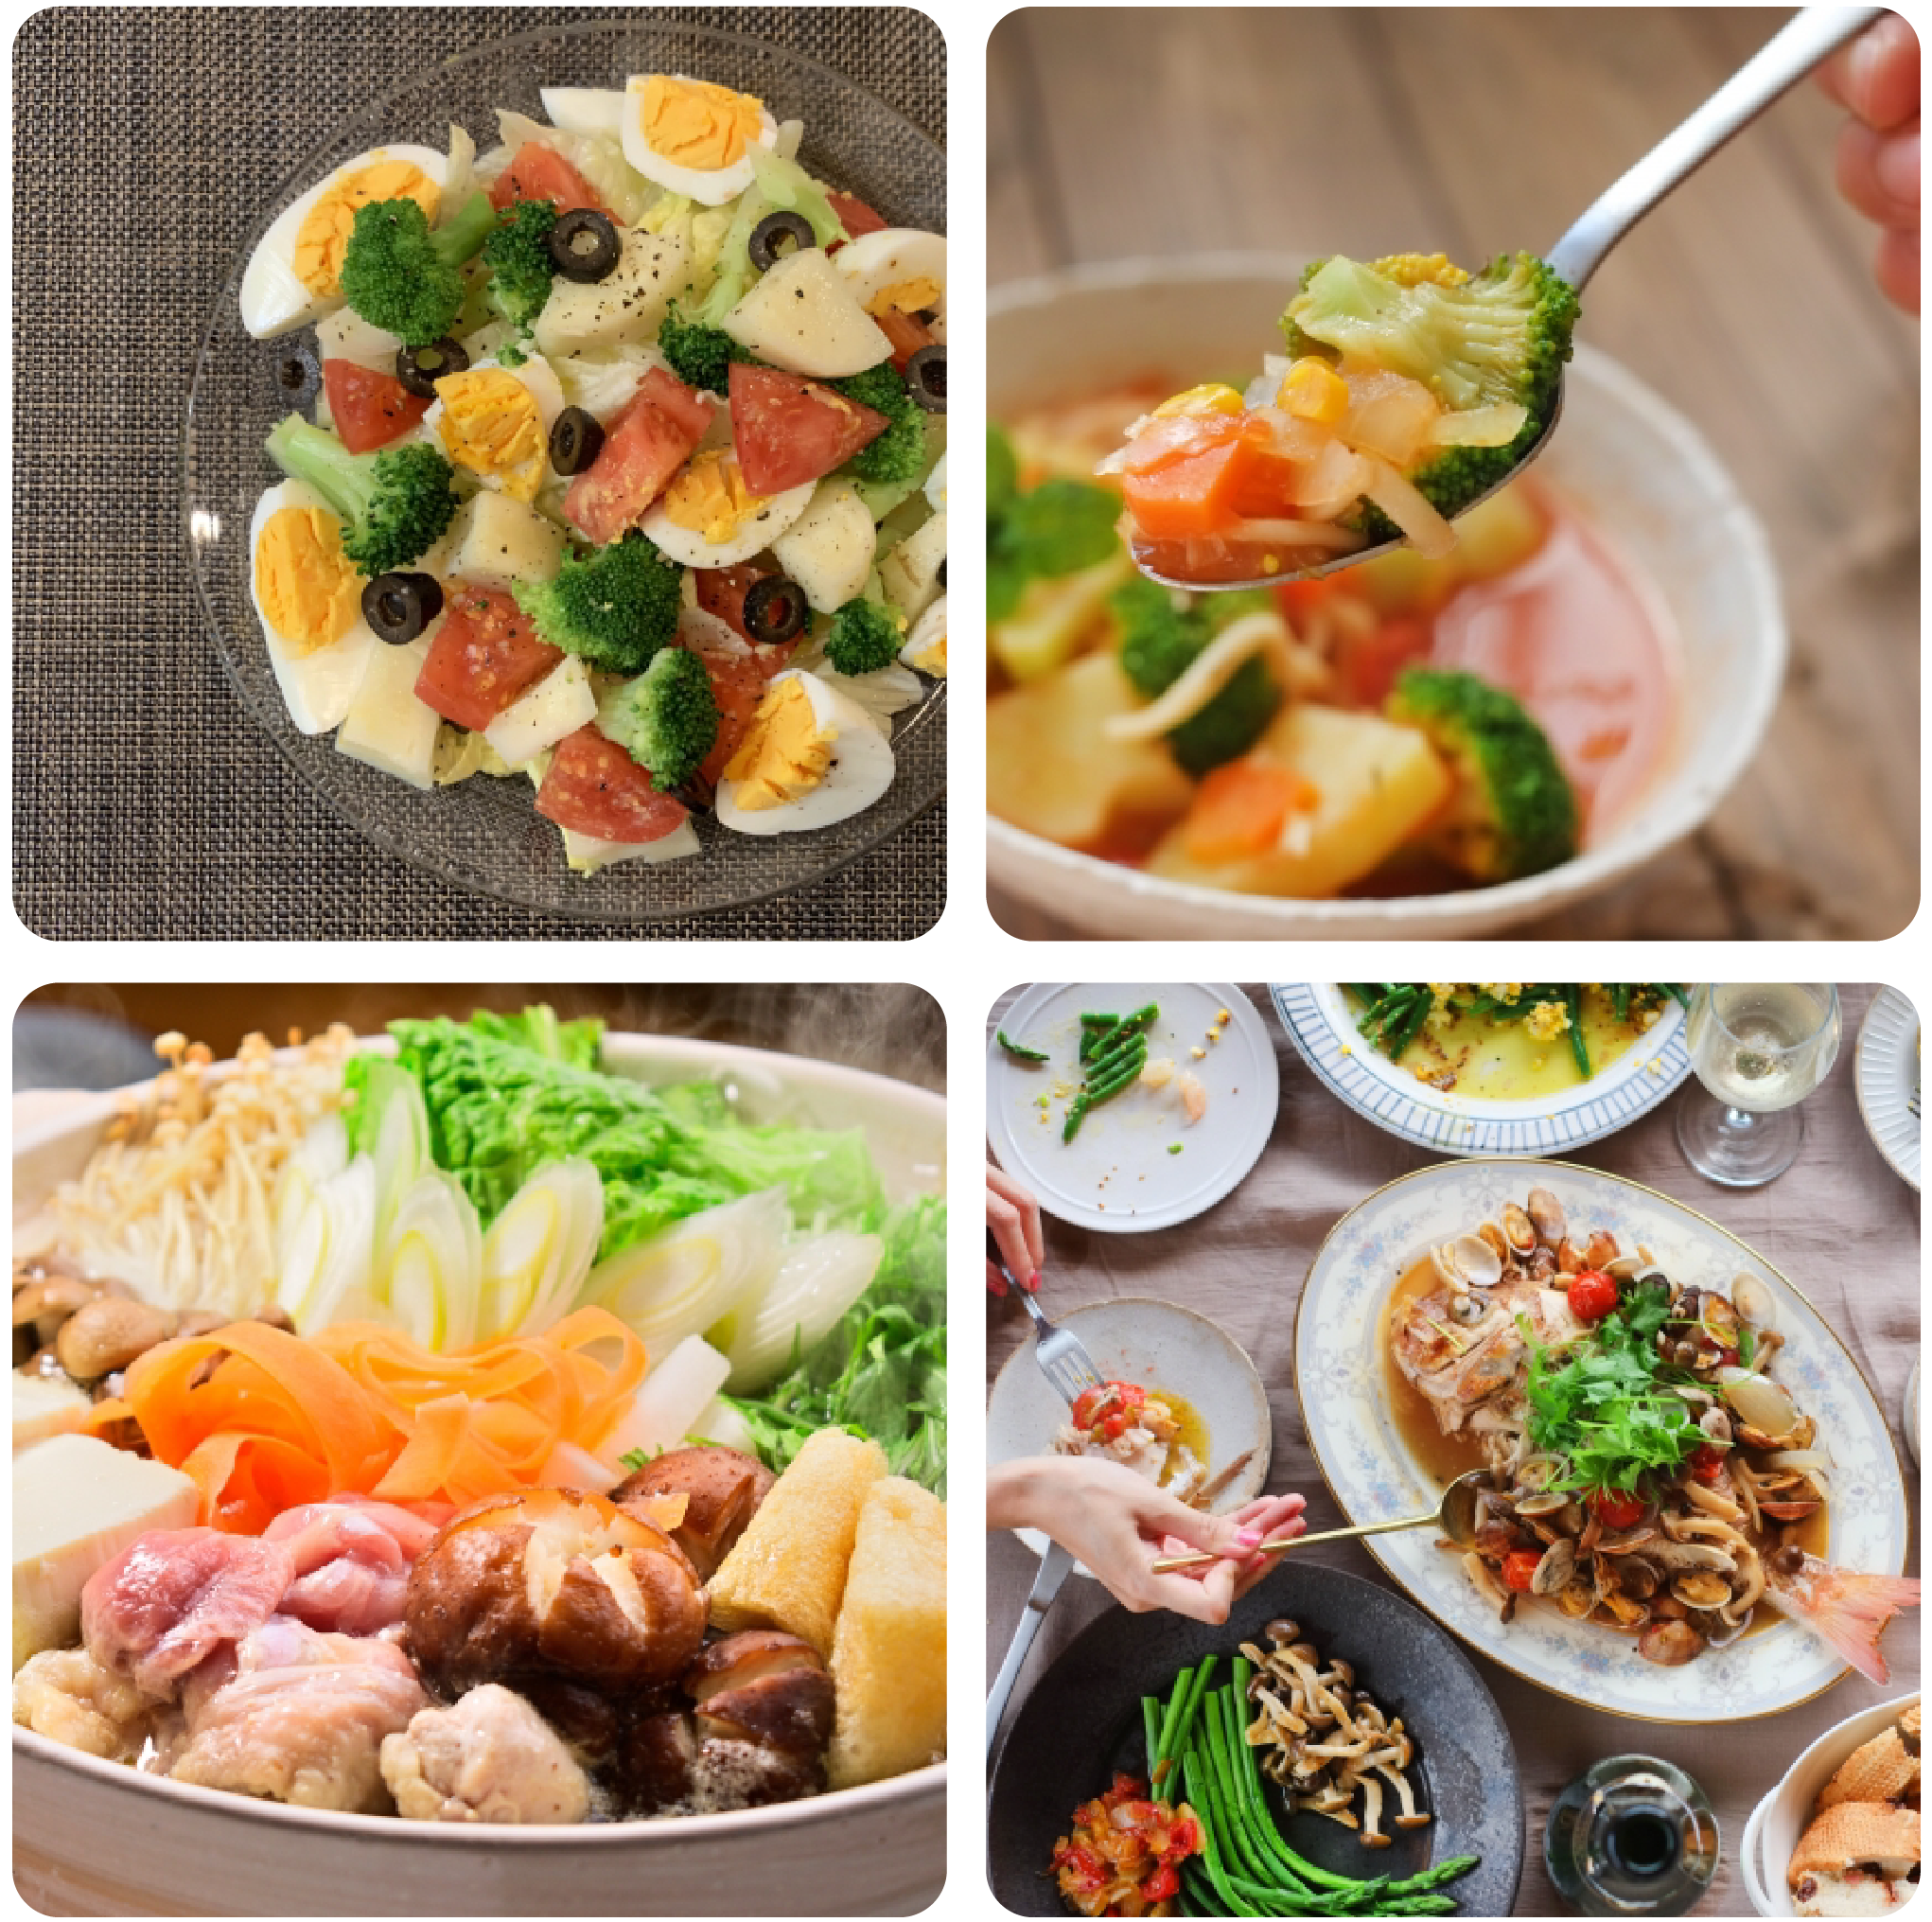 野菜料理写真|うるマルシェ通販|野菜セット|ネットスーパー|直売所